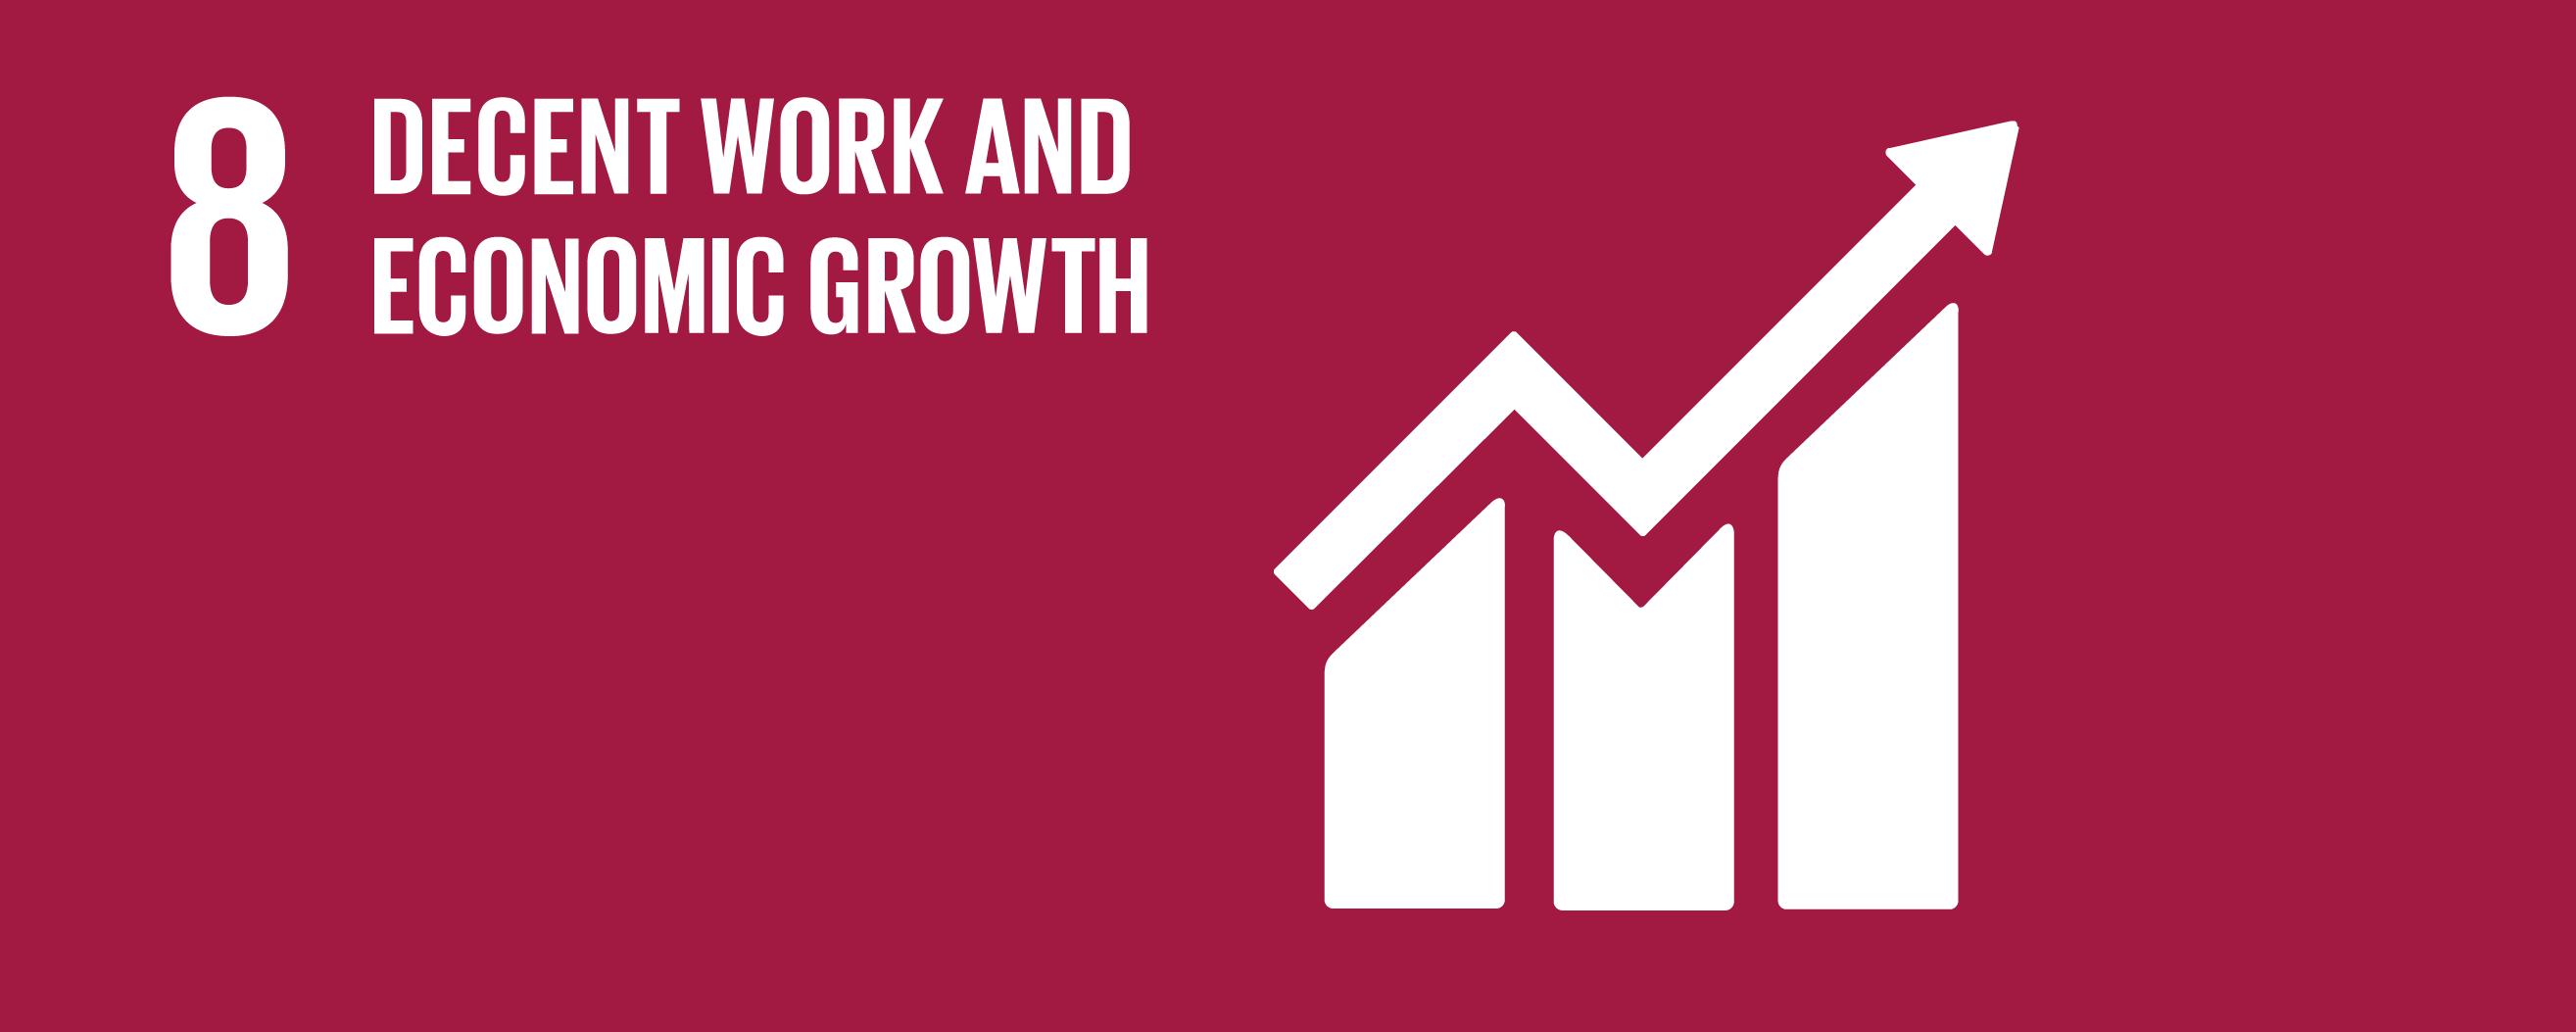 Economic growth challenge